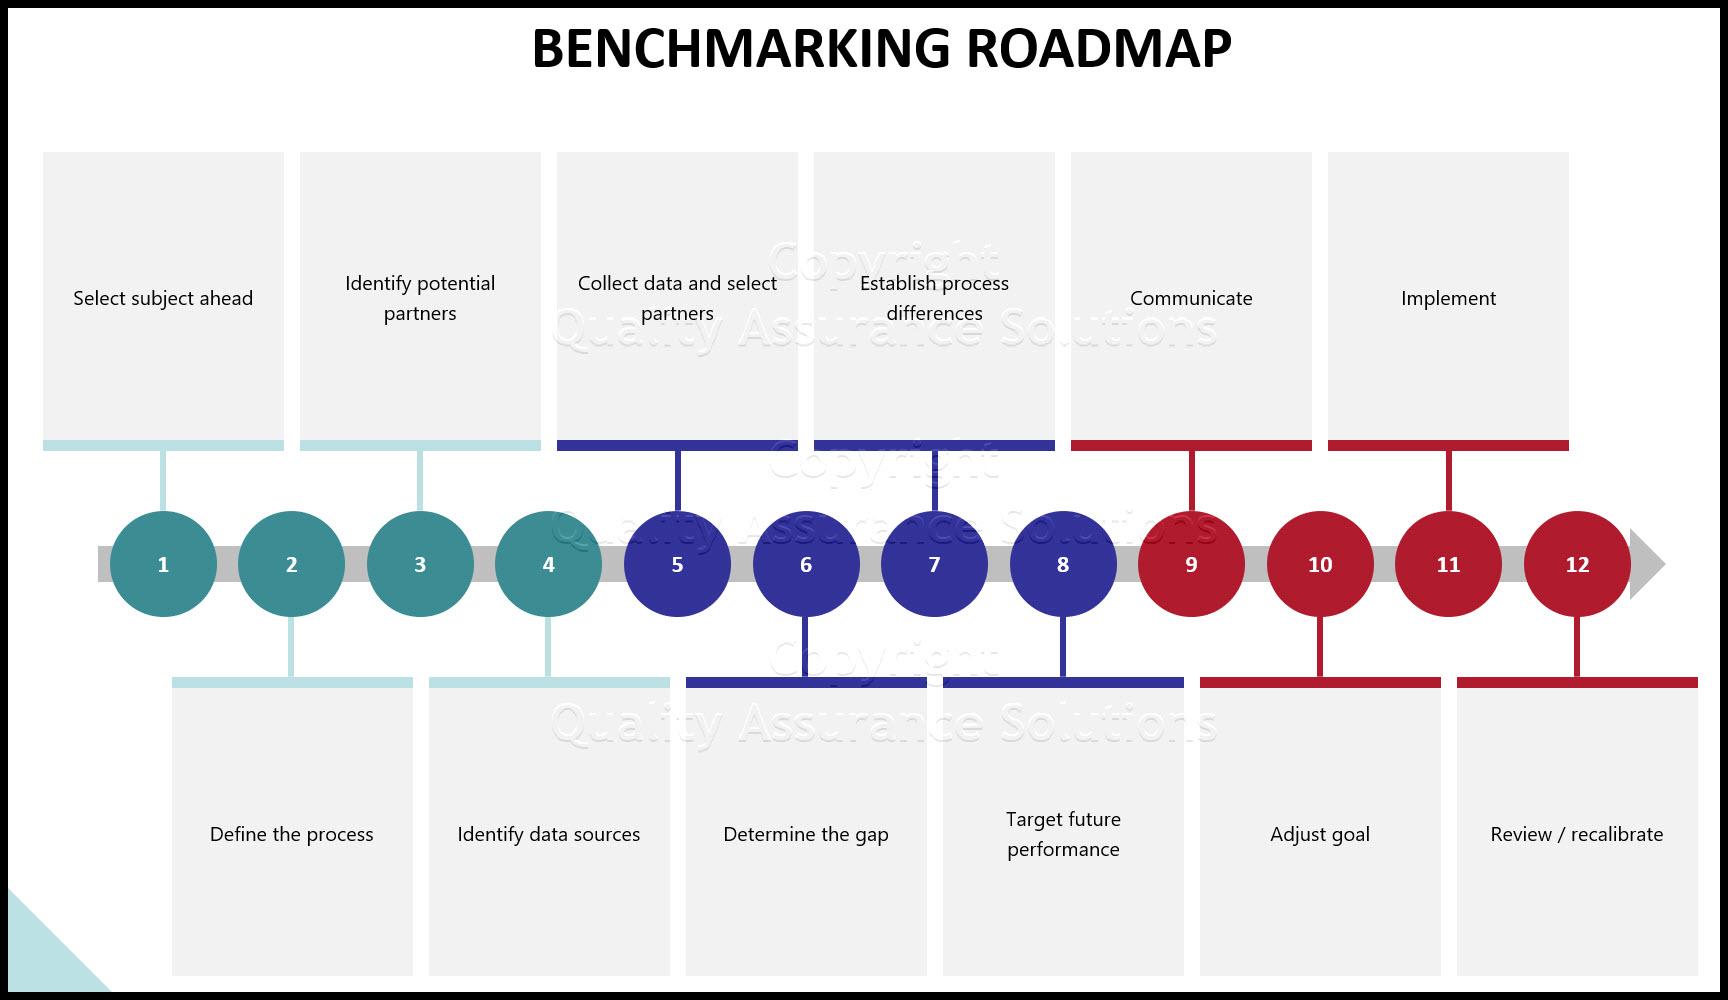 benchmarking definition slide